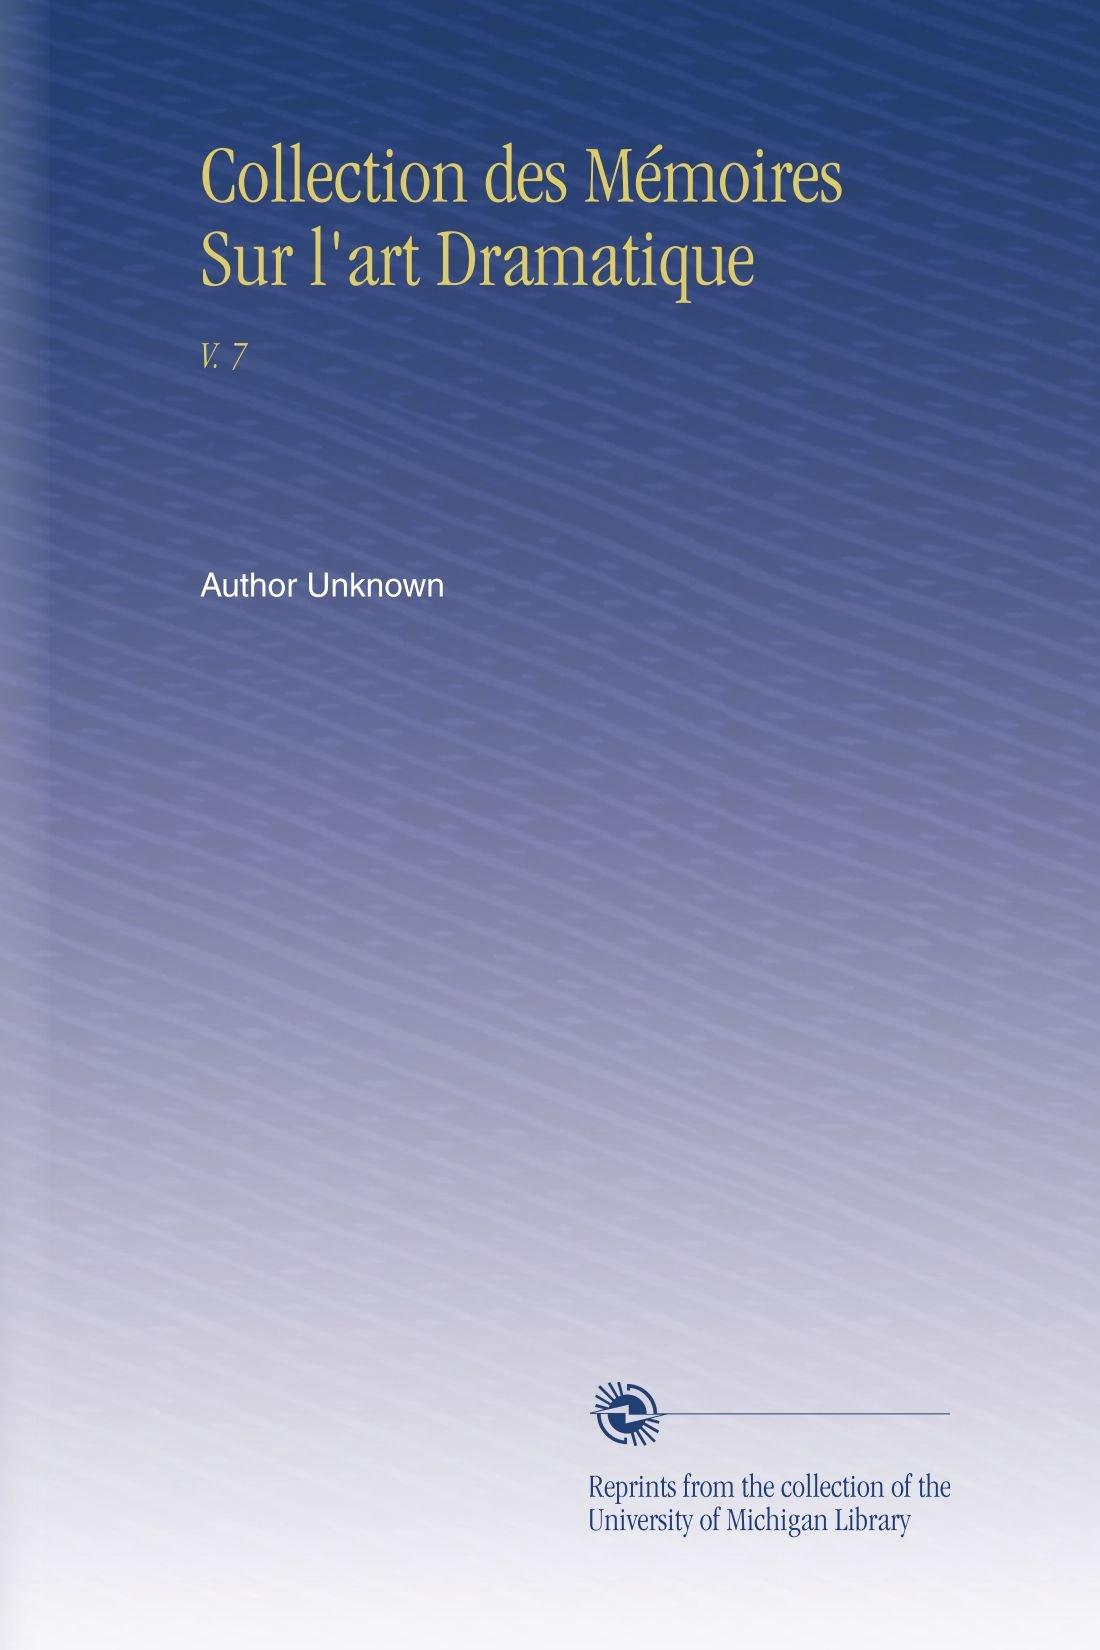 Download Collection des Mémoires Sur l'art Dramatique: V. 7 (French Edition) pdf epub